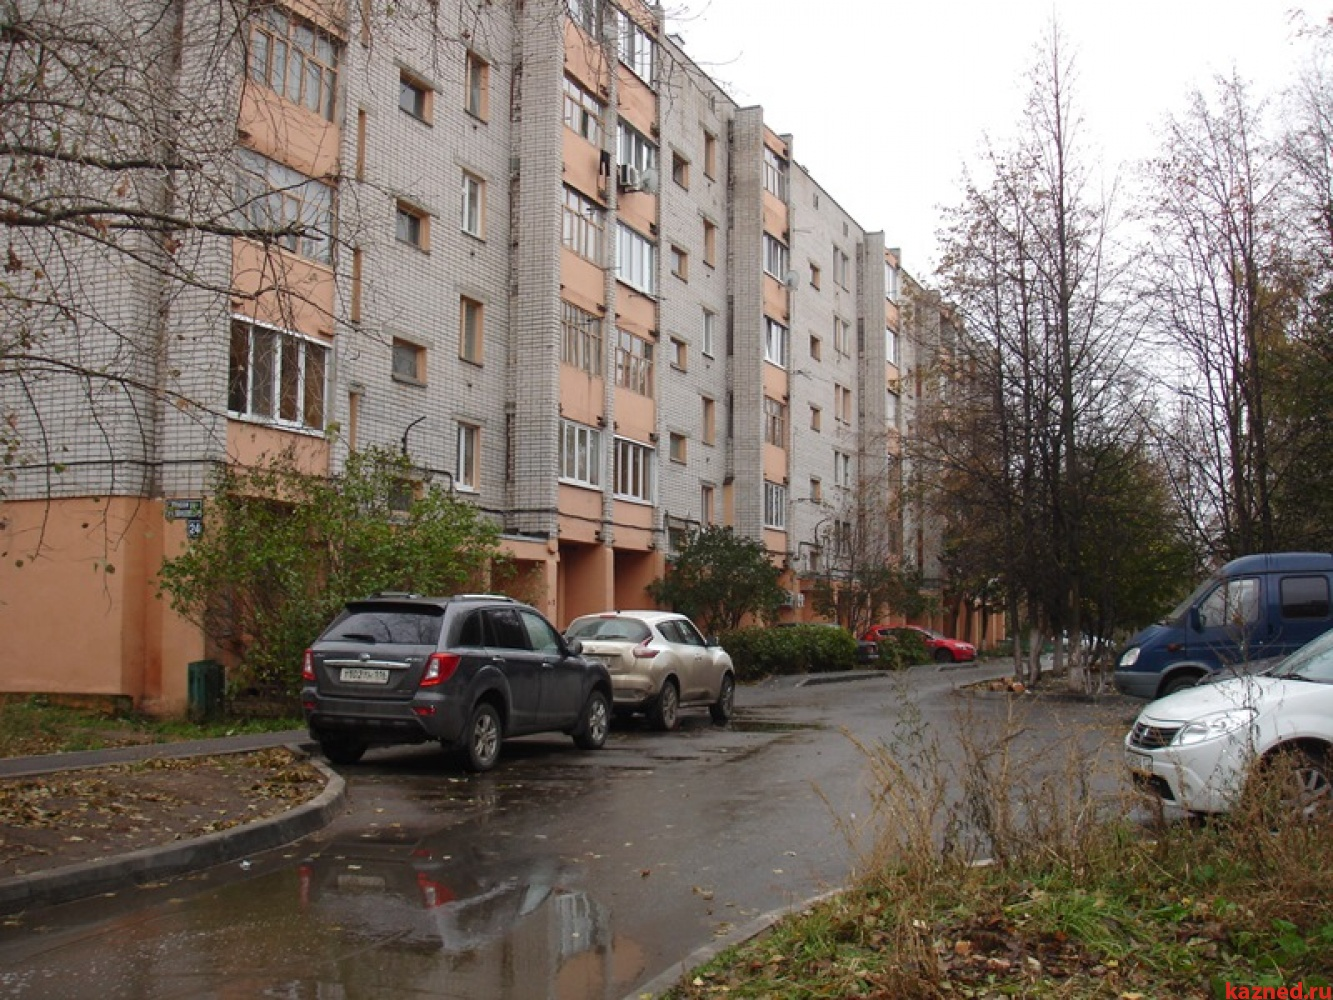 Продажа 1-к квартиры Шоссейная,24, 34 м²  (миниатюра №13)